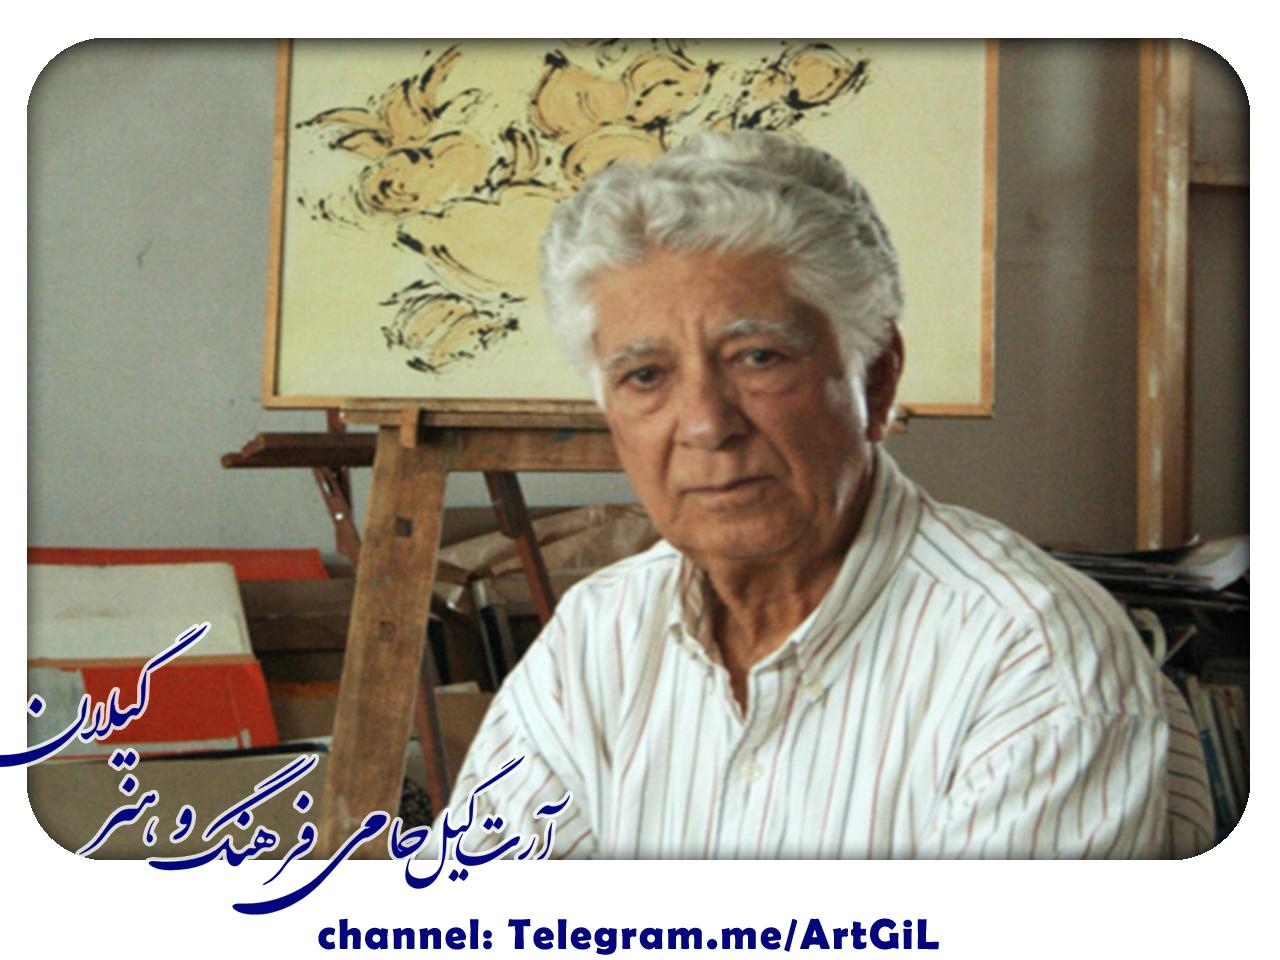 بیوگرافی صادق بریرانی ( طراح گرافیک و نقاش )